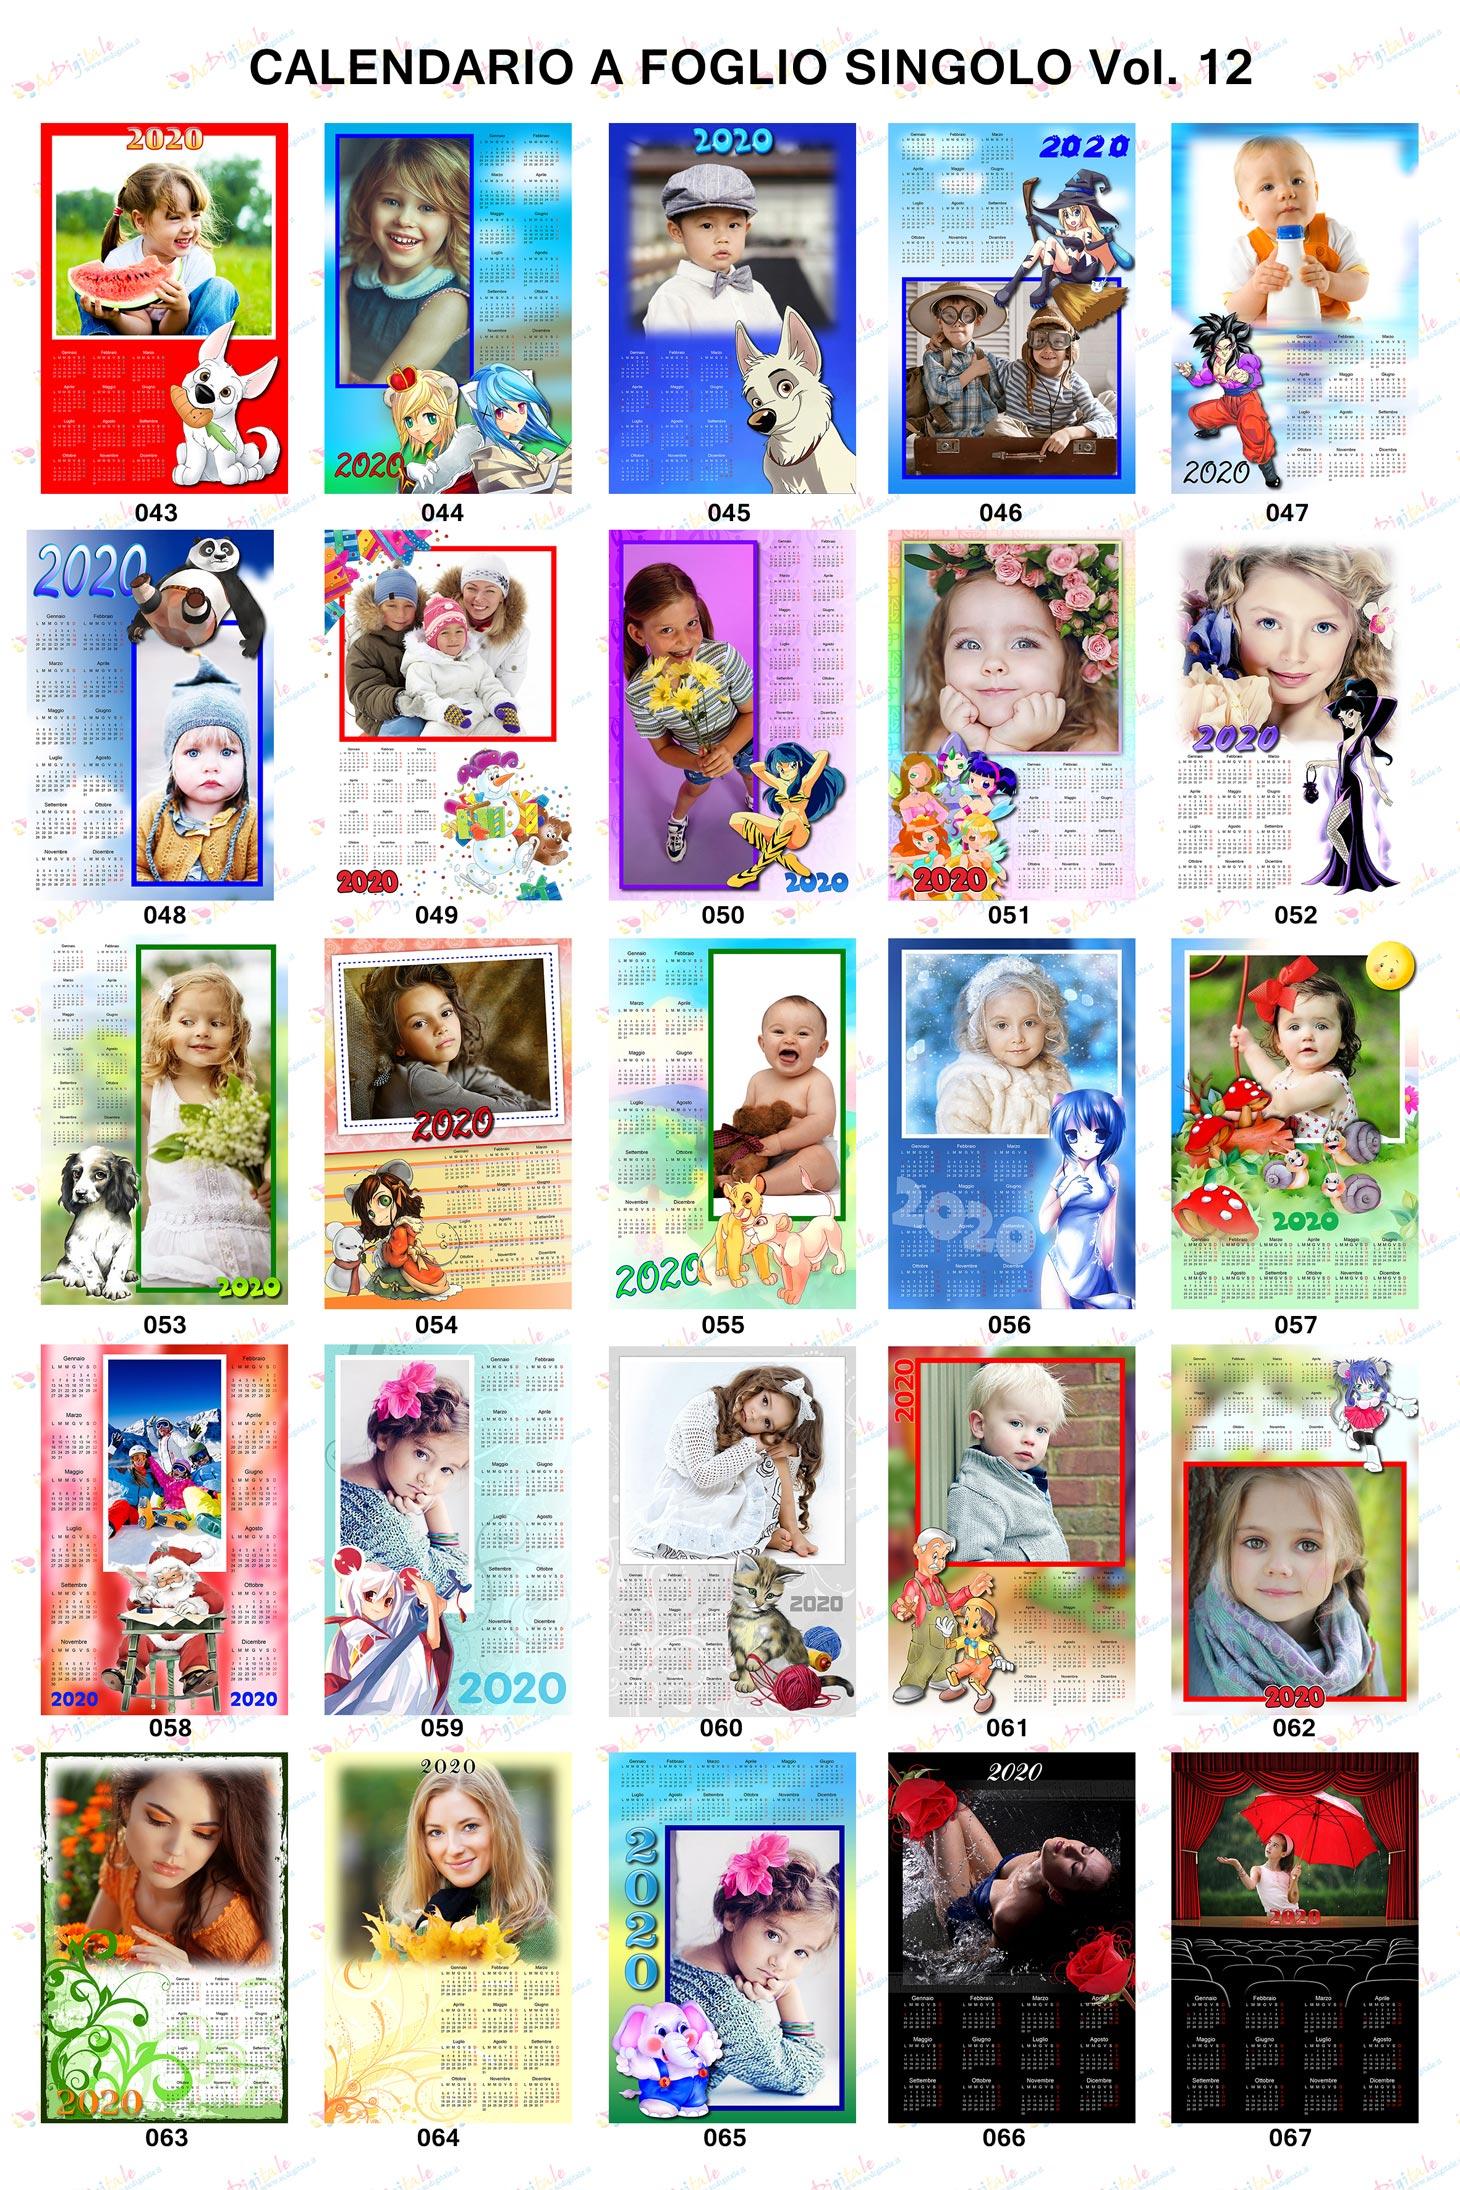 Anteprima calendari personalizzati 2020 volume 12